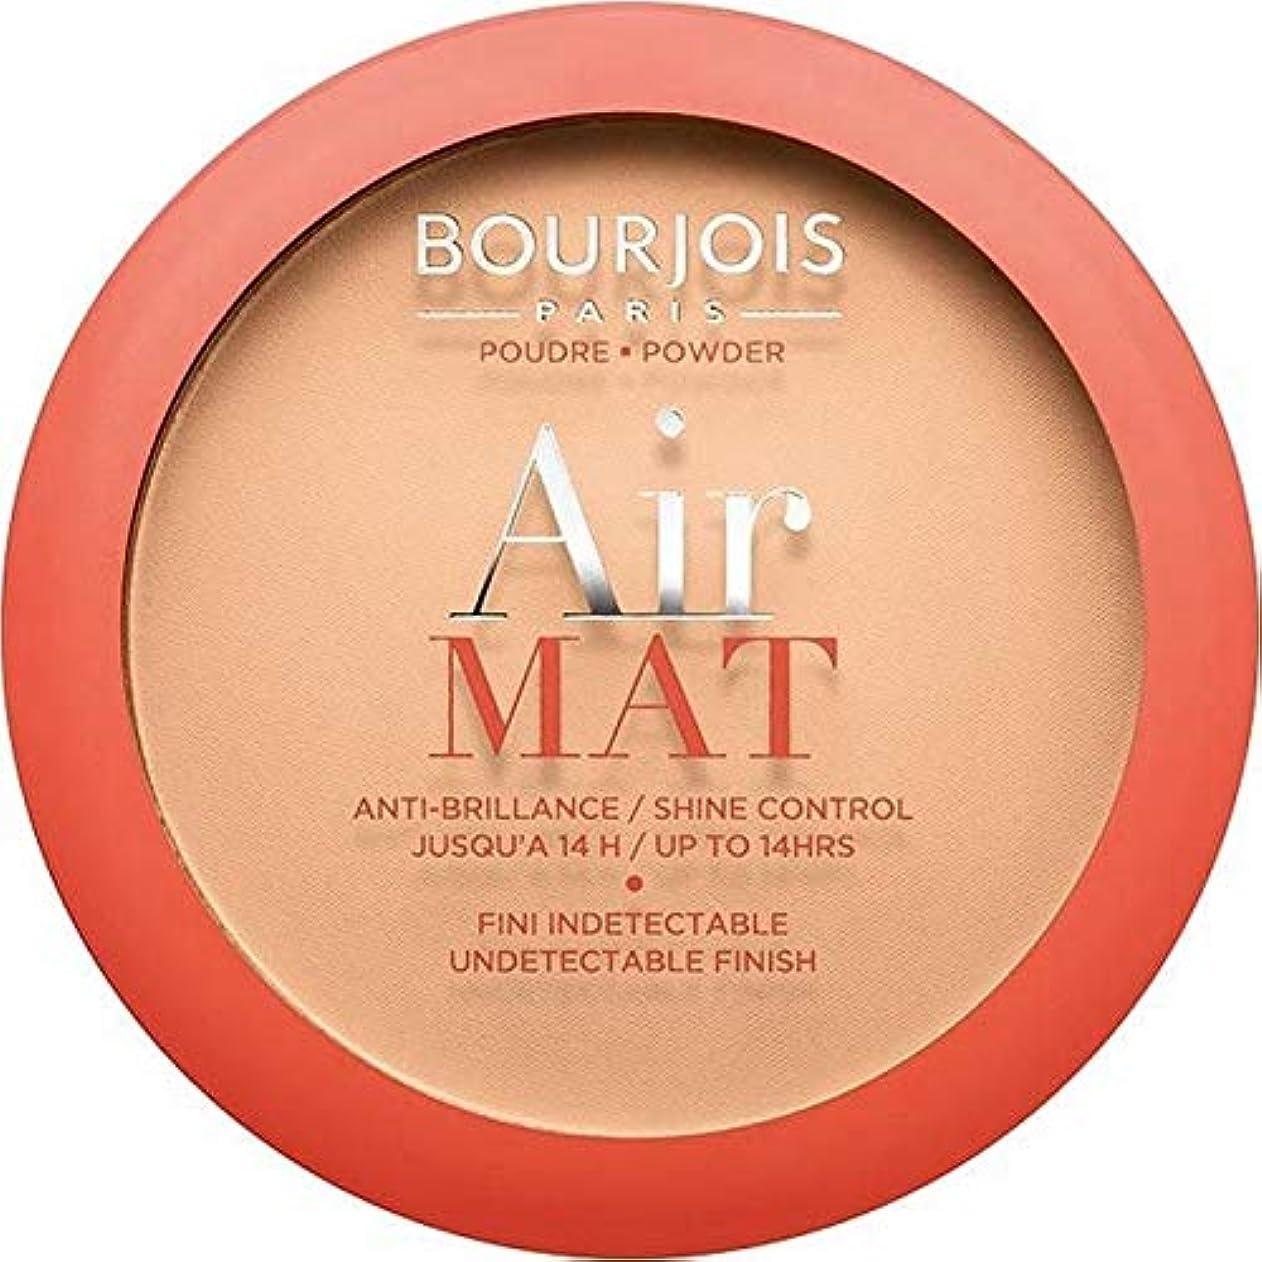 ダブル乱雑なワーカー[Bourjois ] ブルジョワエアーマットは、粉末を押す - アプリコットベージュ - Bourjois Air Mat Pressed Powder - Apricot Beige [並行輸入品]